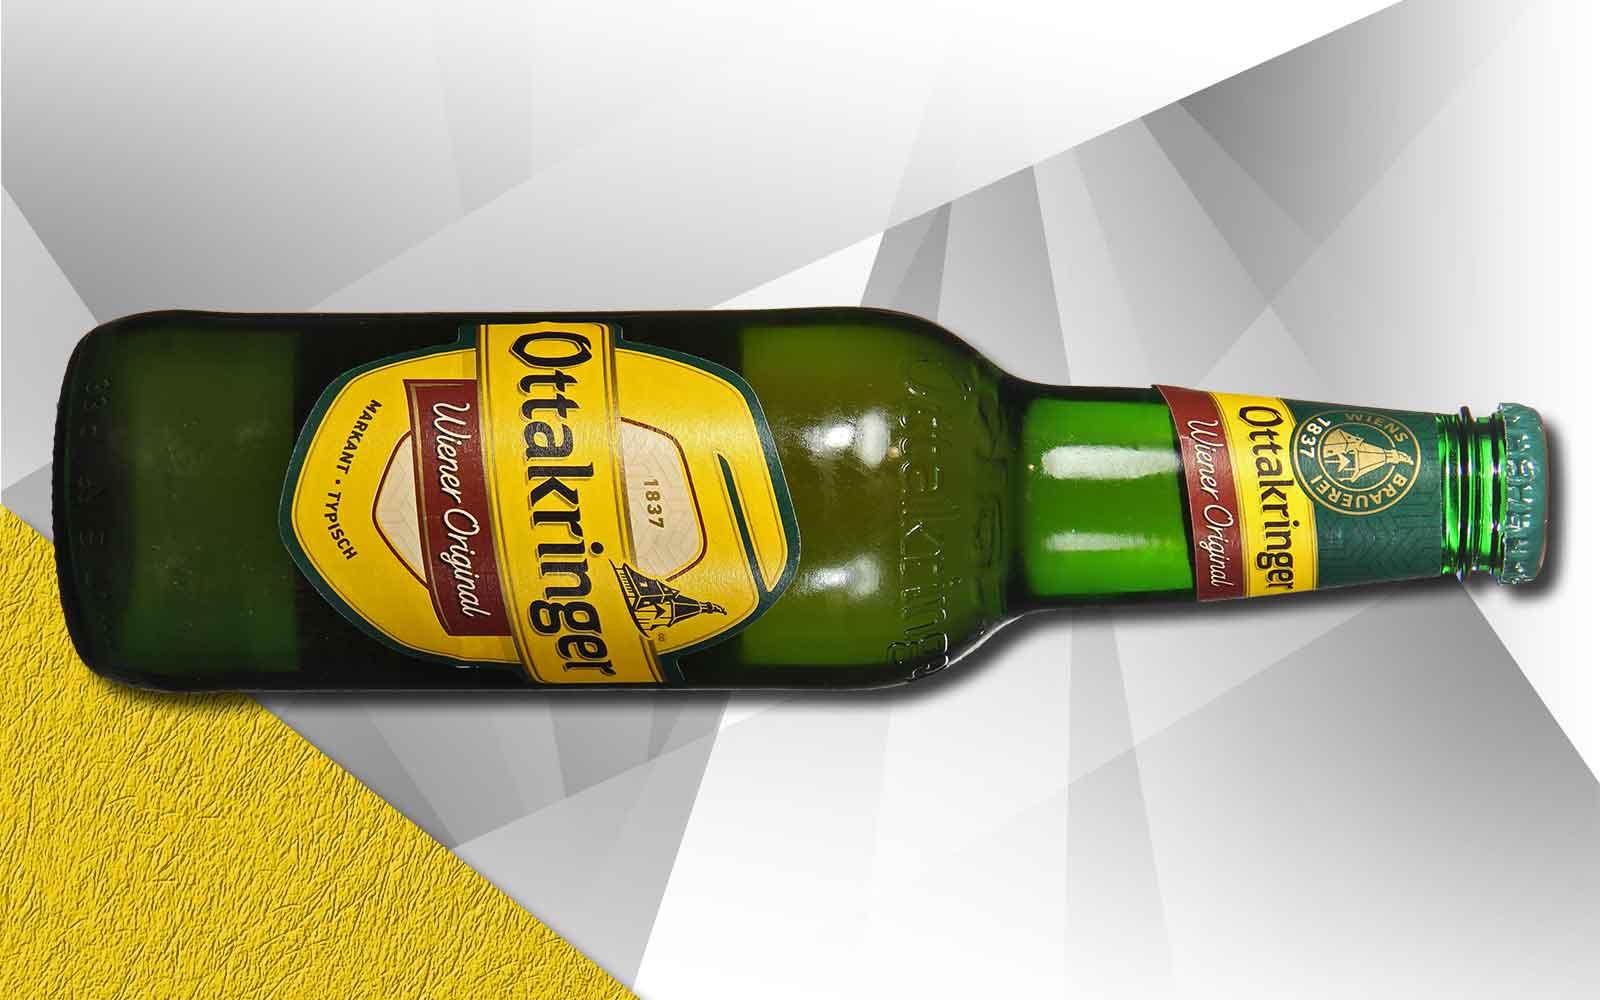 Das Wiener Original aus Ottakring